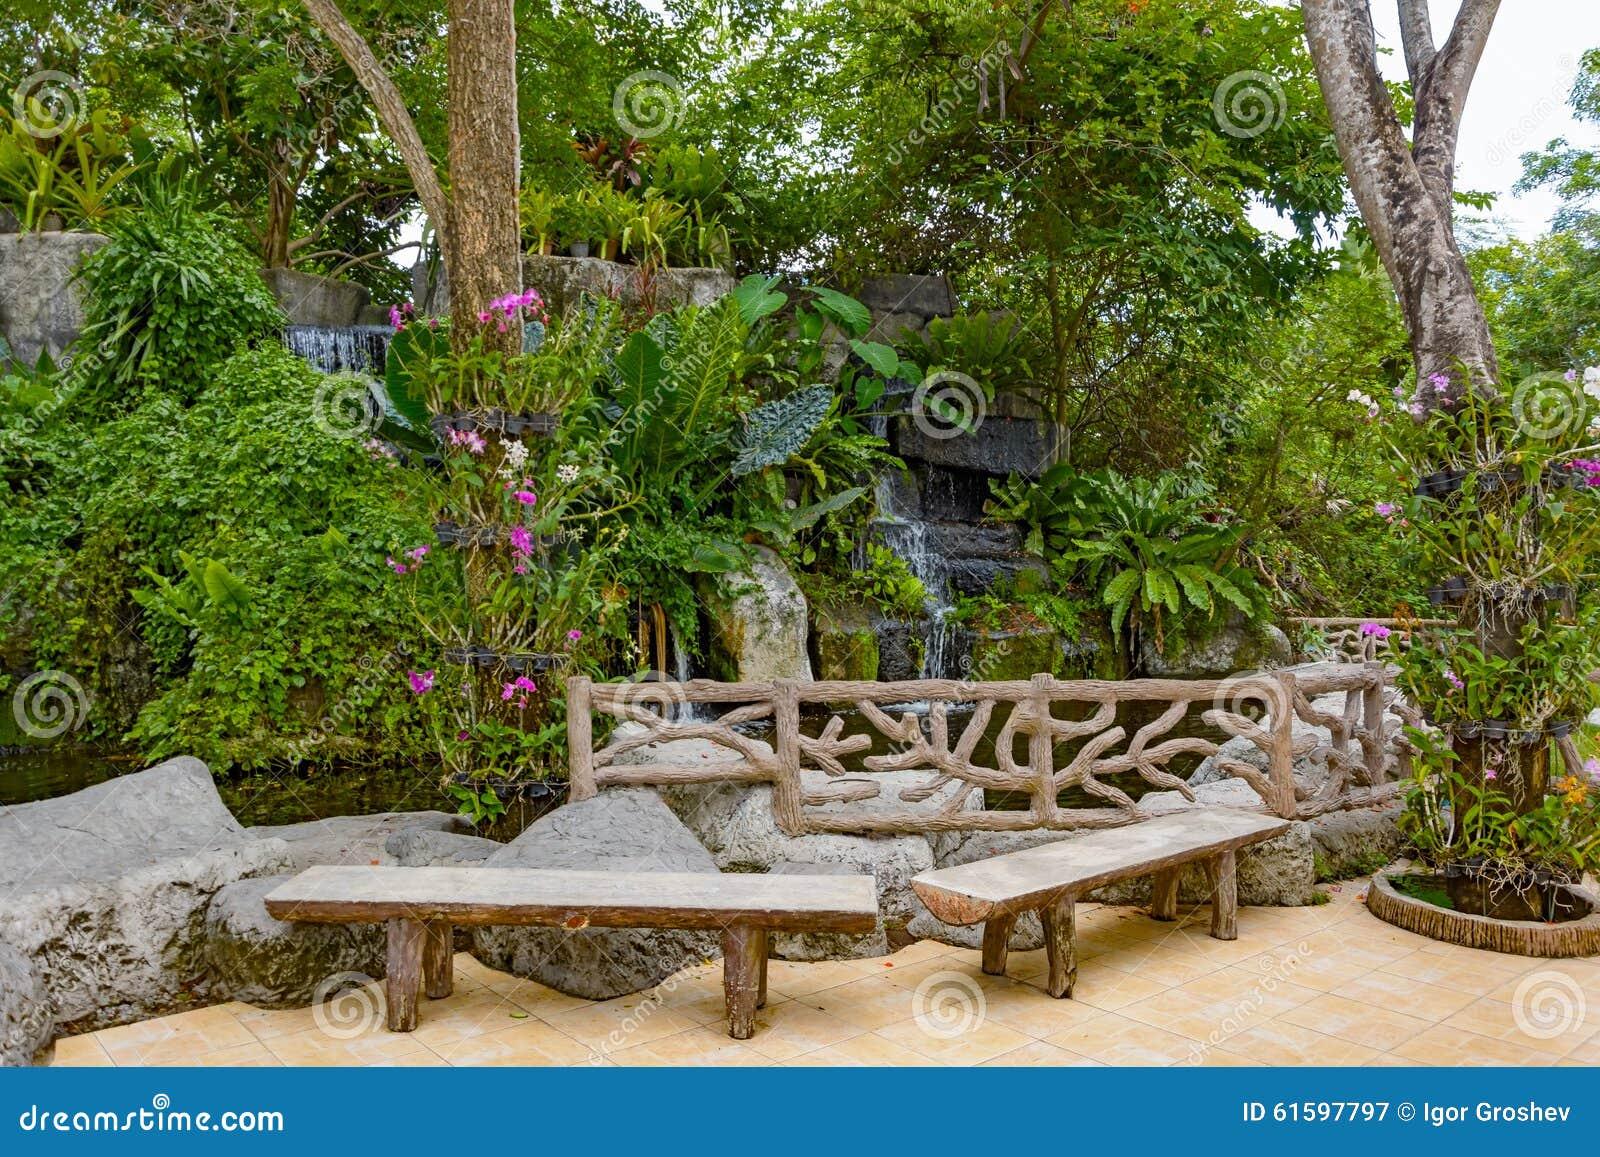 Tropische tuin vijver en installaties stock afbeelding for Tuin en vijver